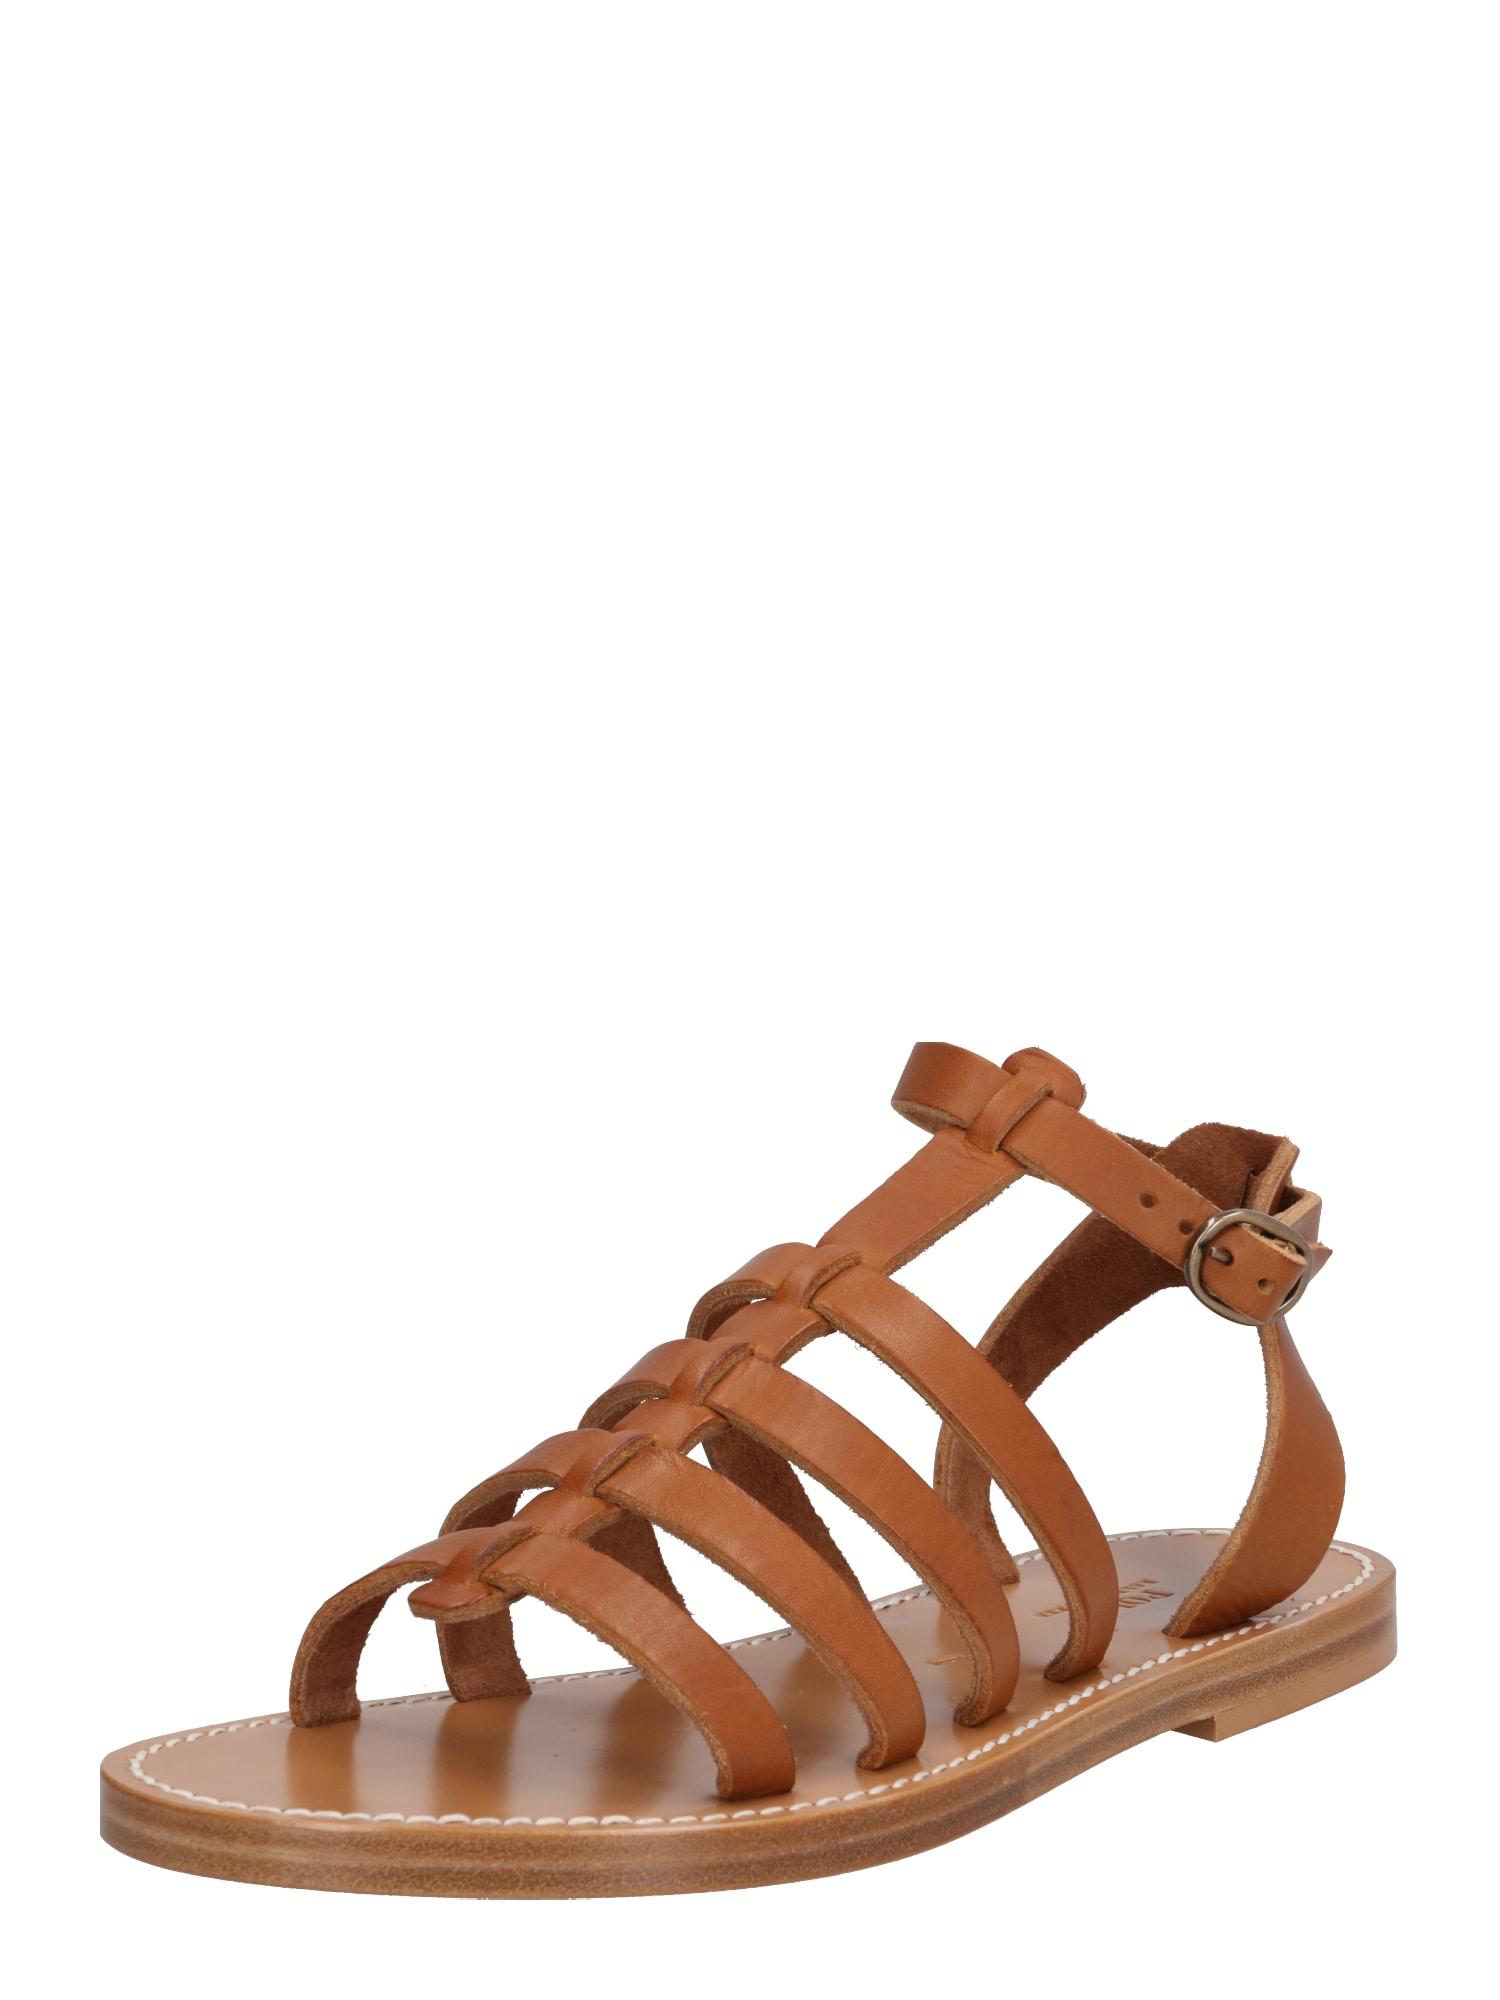 Páskové sandály Julianne světle hnědá POLO RALPH LAUREN